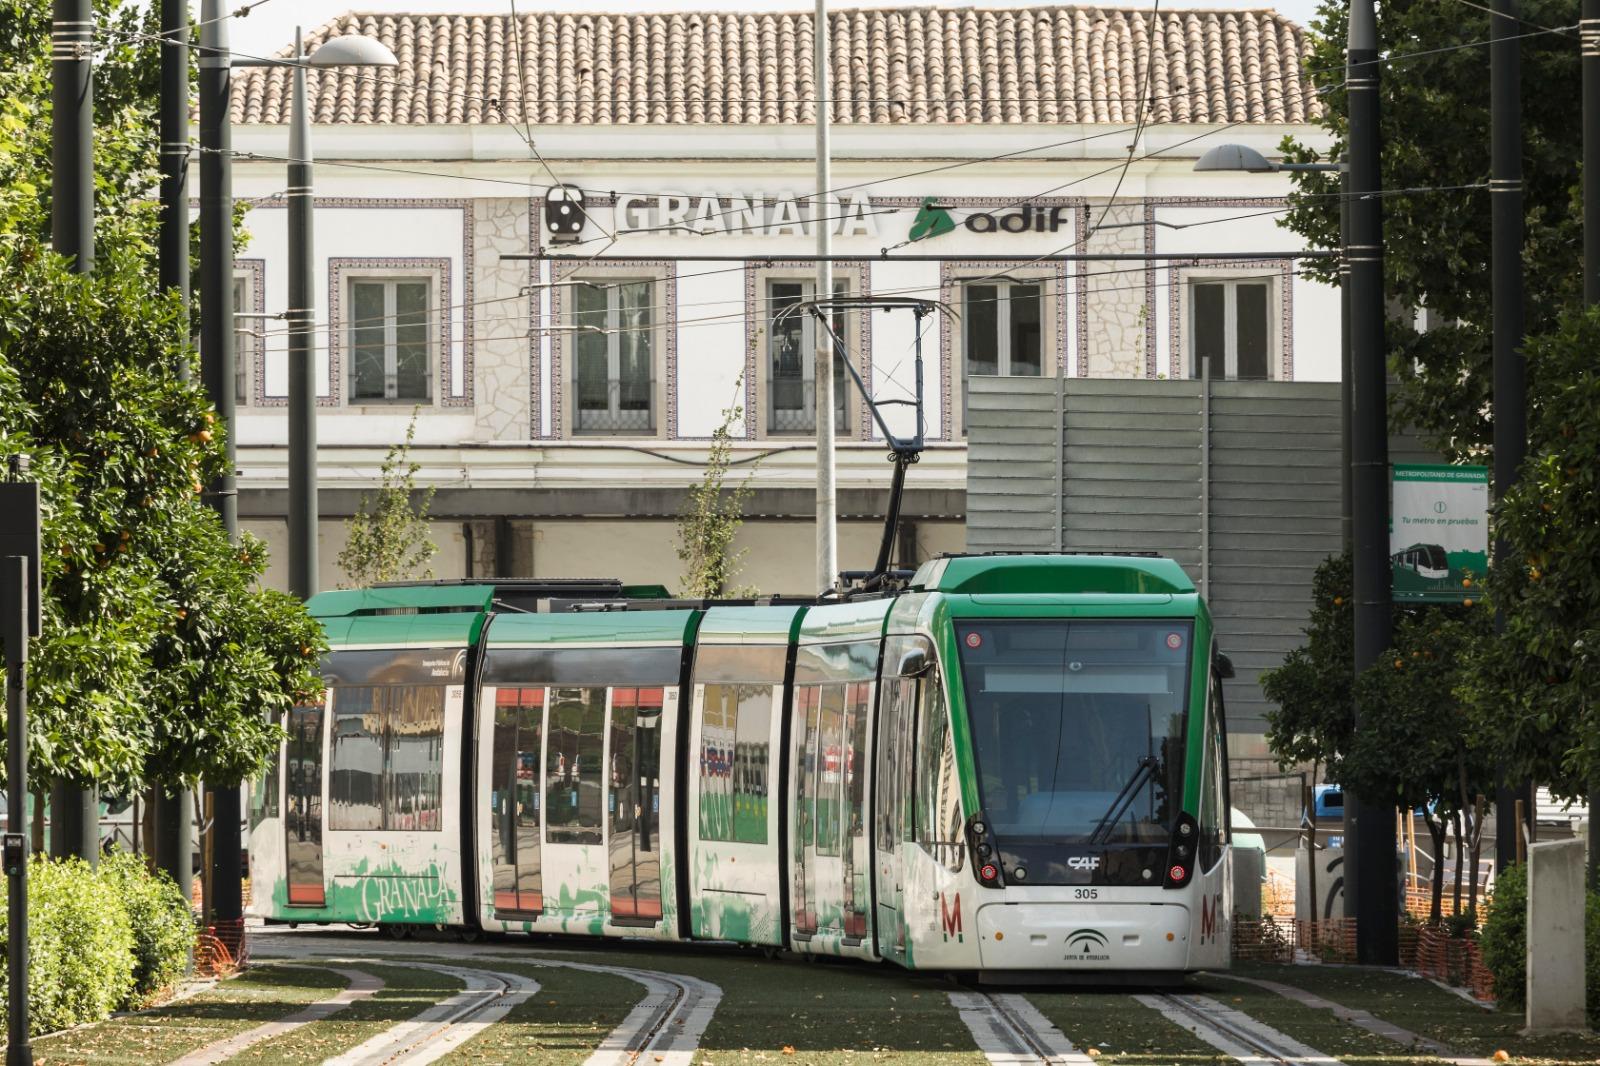 Trece propuestas se han presentado para cada uno de los proyectos de ampliación del Metro de Granada